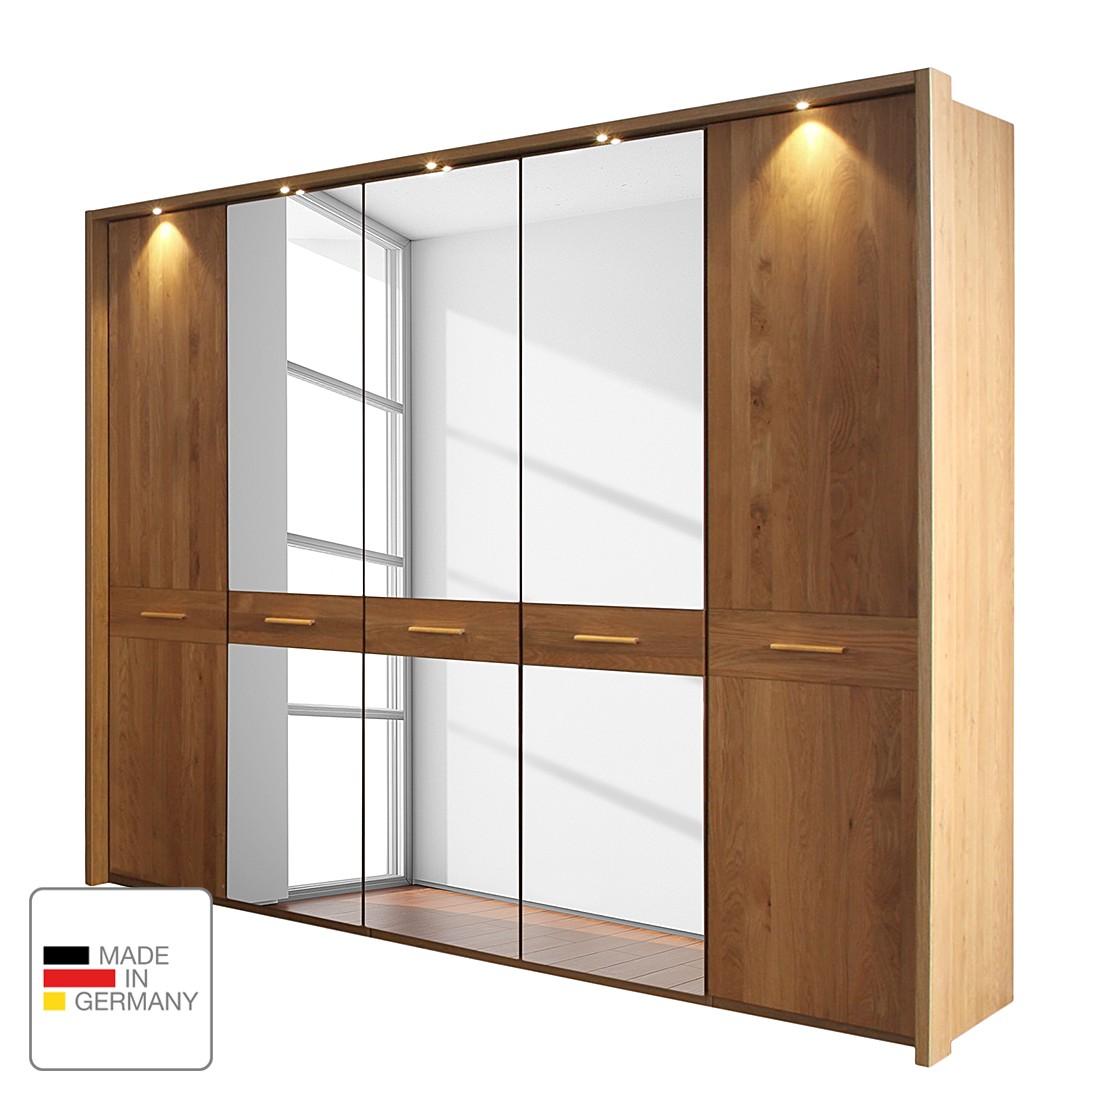 Drehtürenschrank Faro – Eiche teilmassiv – lackiert – 350 cm (7-türig) – 1 Spiegeltür – Mit beleuchtetem Passepartout, Althoff jetzt kaufen